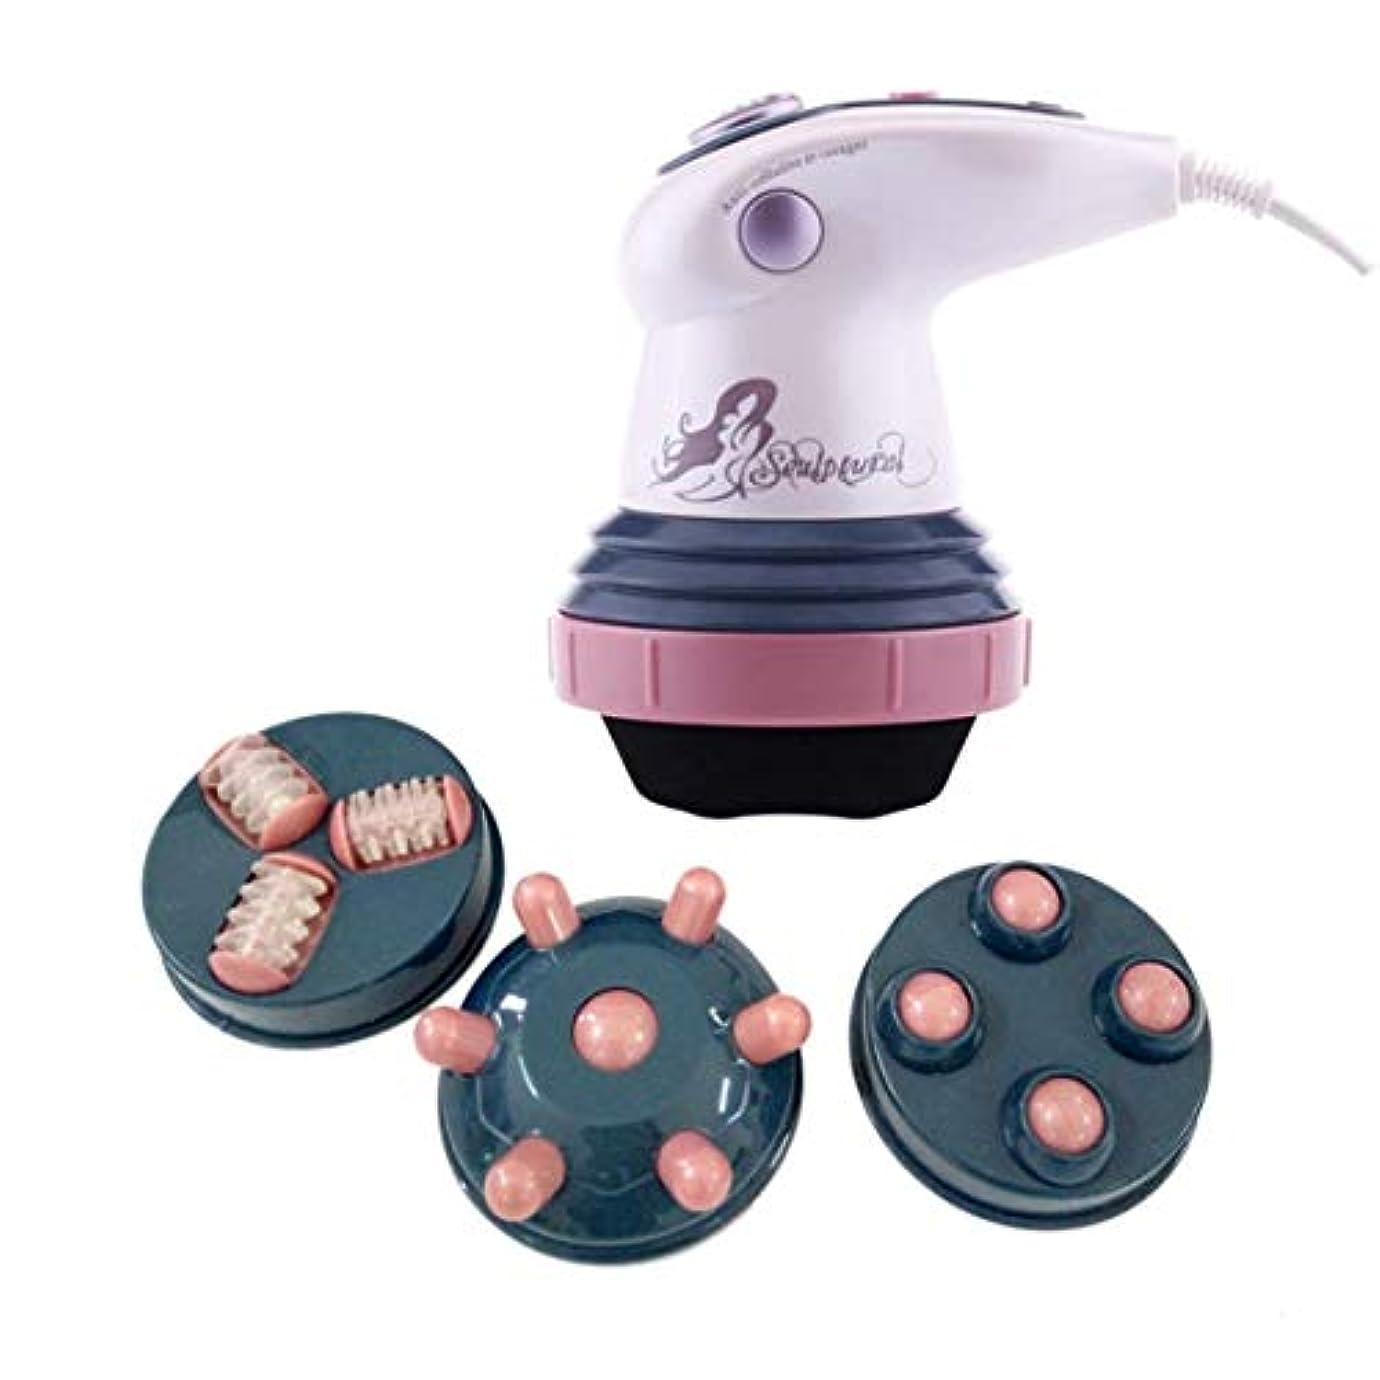 裸チェリー手配する低雑音の赤外線電気脂肪燃焼はボディスリミングマッサージャー抗セルライトボディマッサージ機を削除します - ピンク